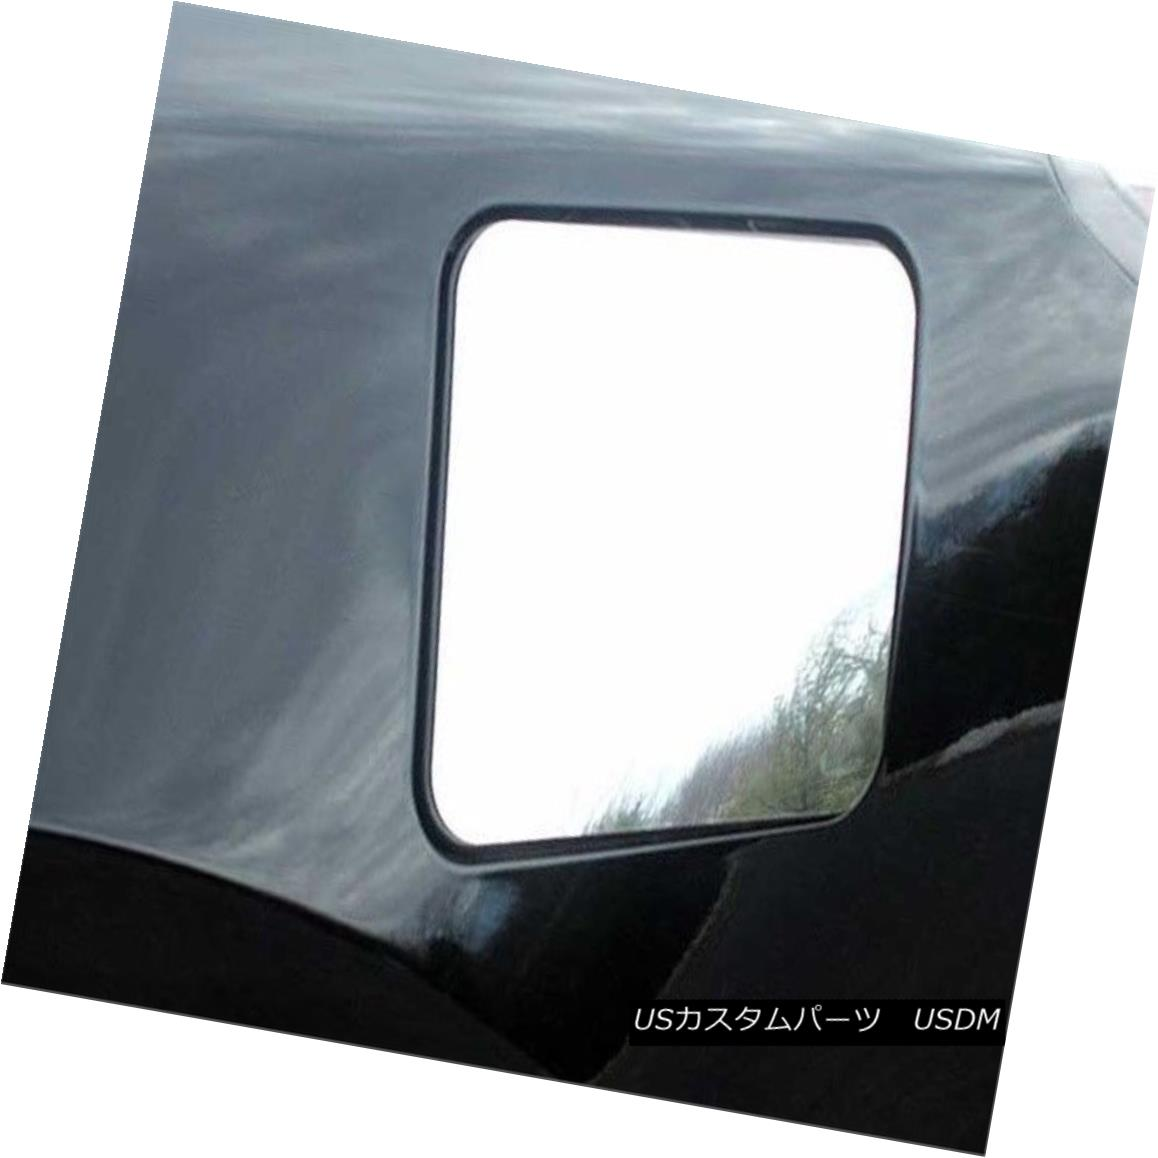 グリル Fits 2002-2006 NISSAN ALTIMA 4-door -Stainless Steel GAS CAP DOOR フィット2002-2006日産アルティマ4ドアステンレススチールガスCAP DOOR